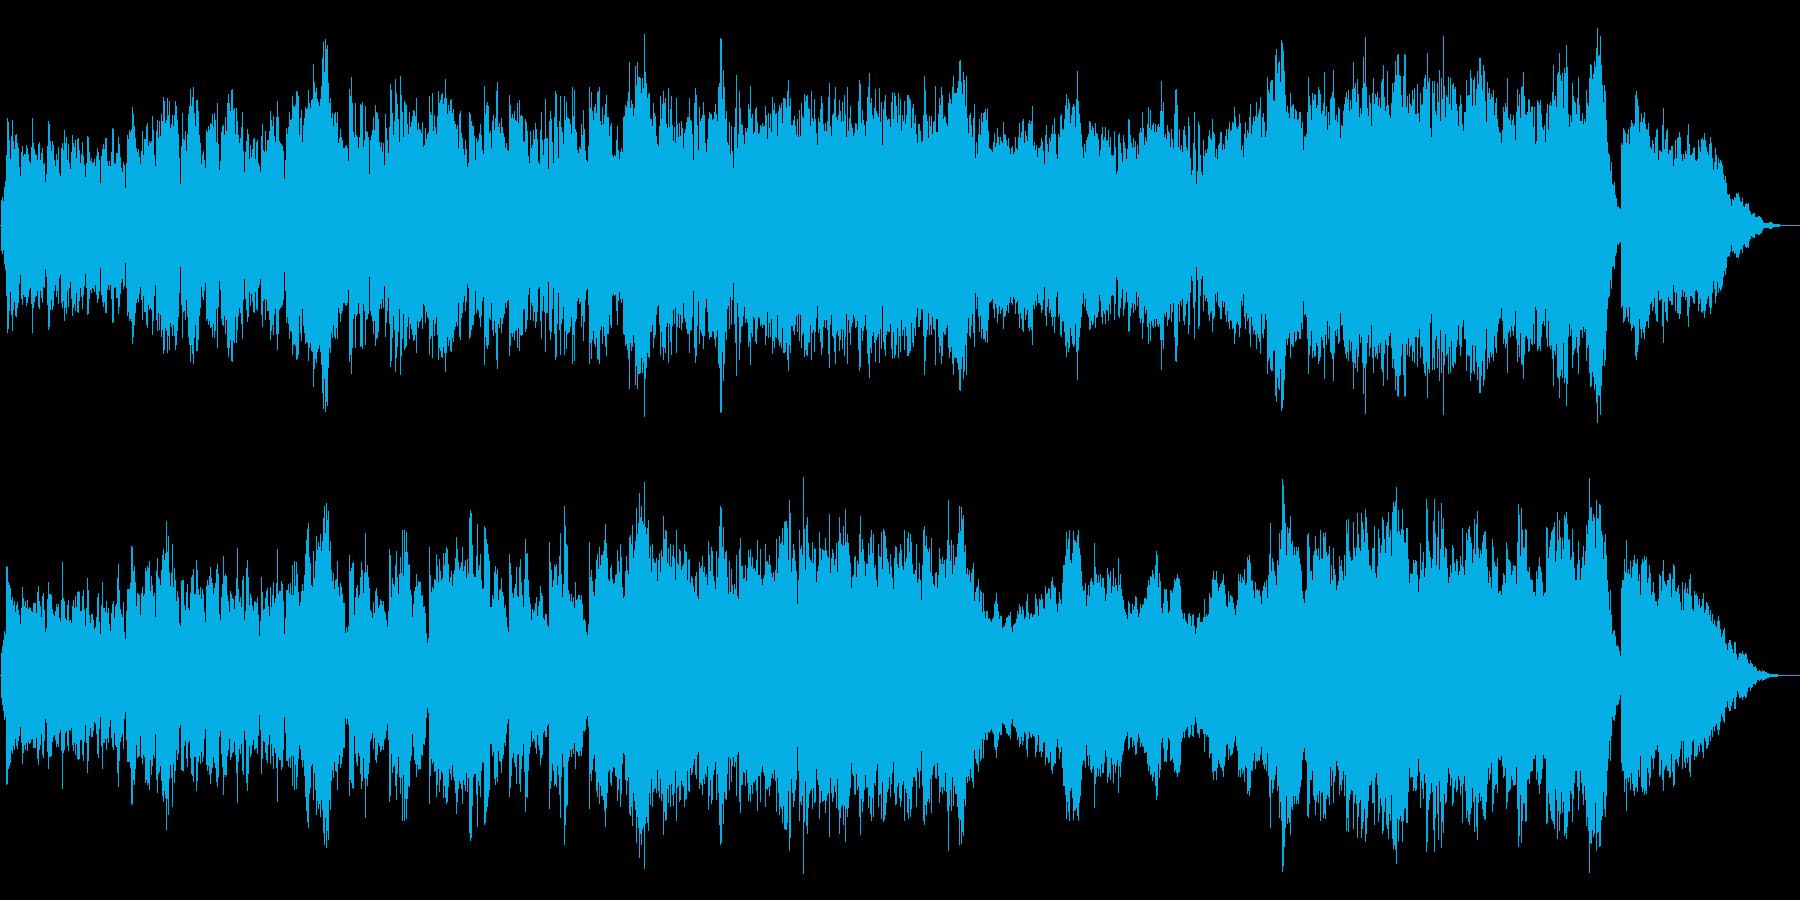 壮大なオープニングオーケストラの再生済みの波形